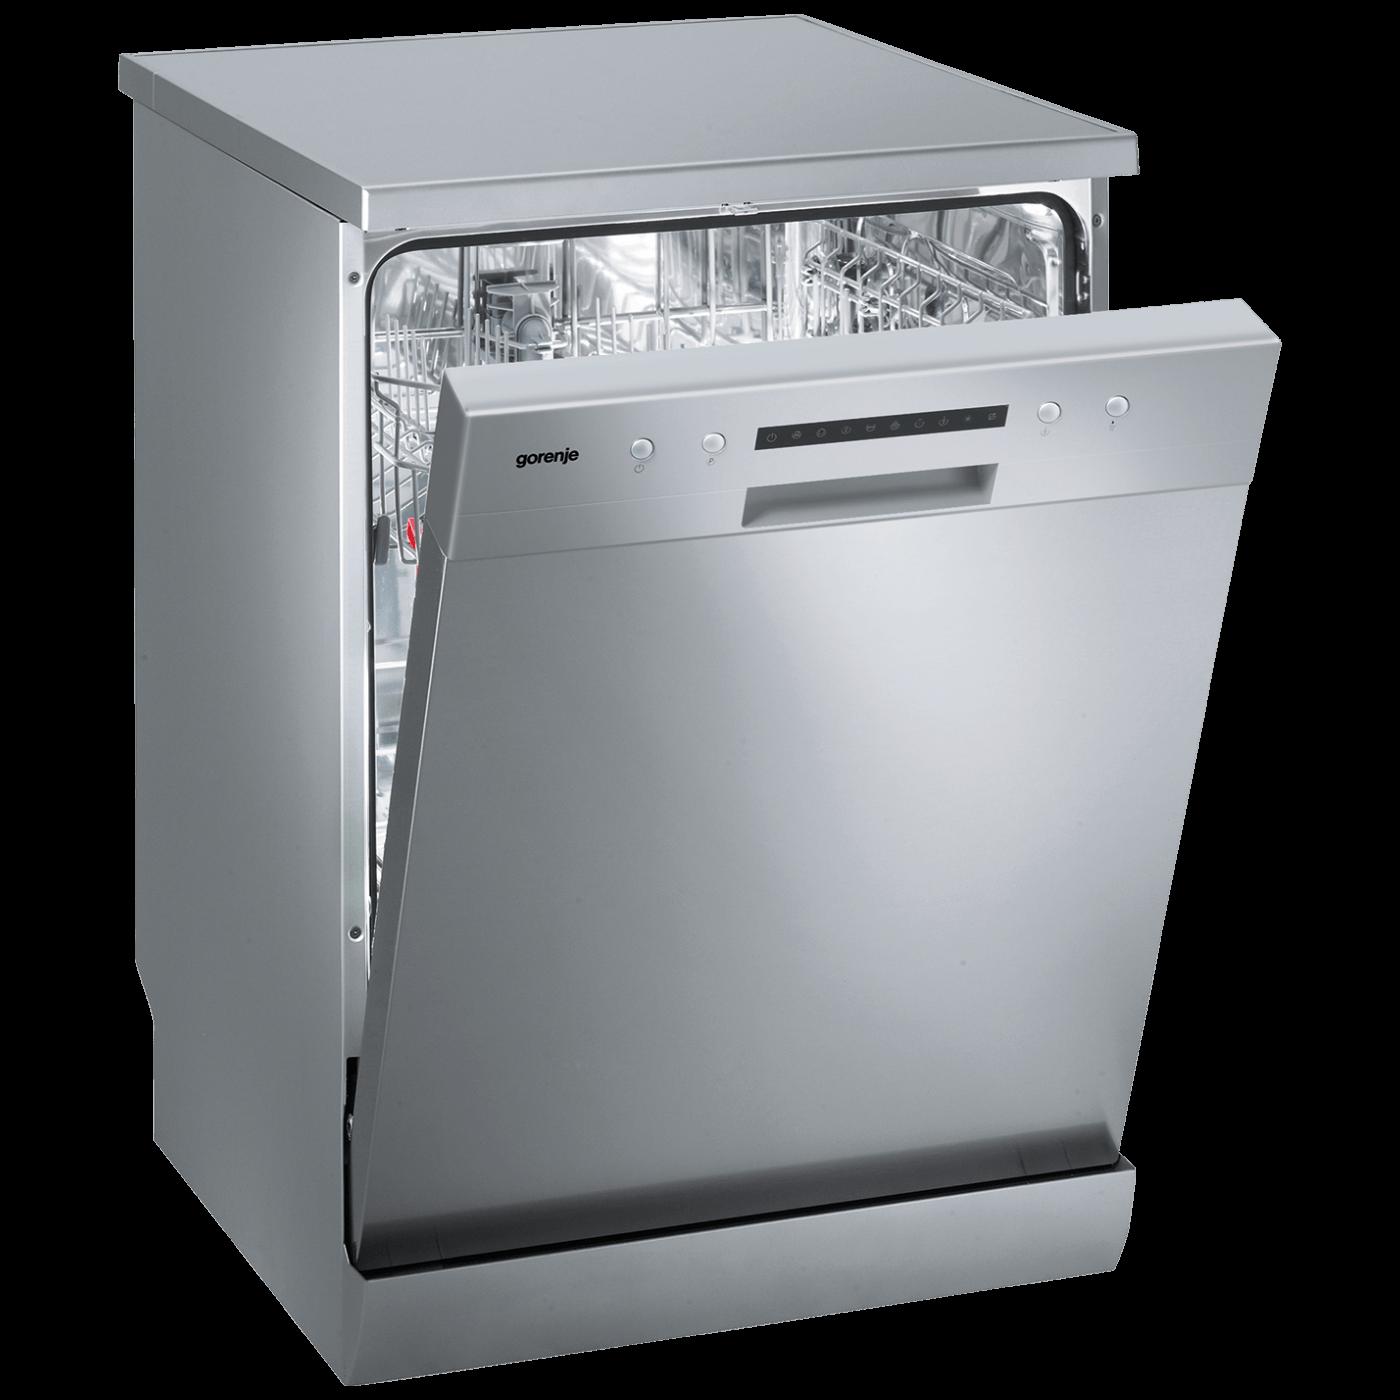 Mašina za suđe za 12 kompleta, 6 programa, A++